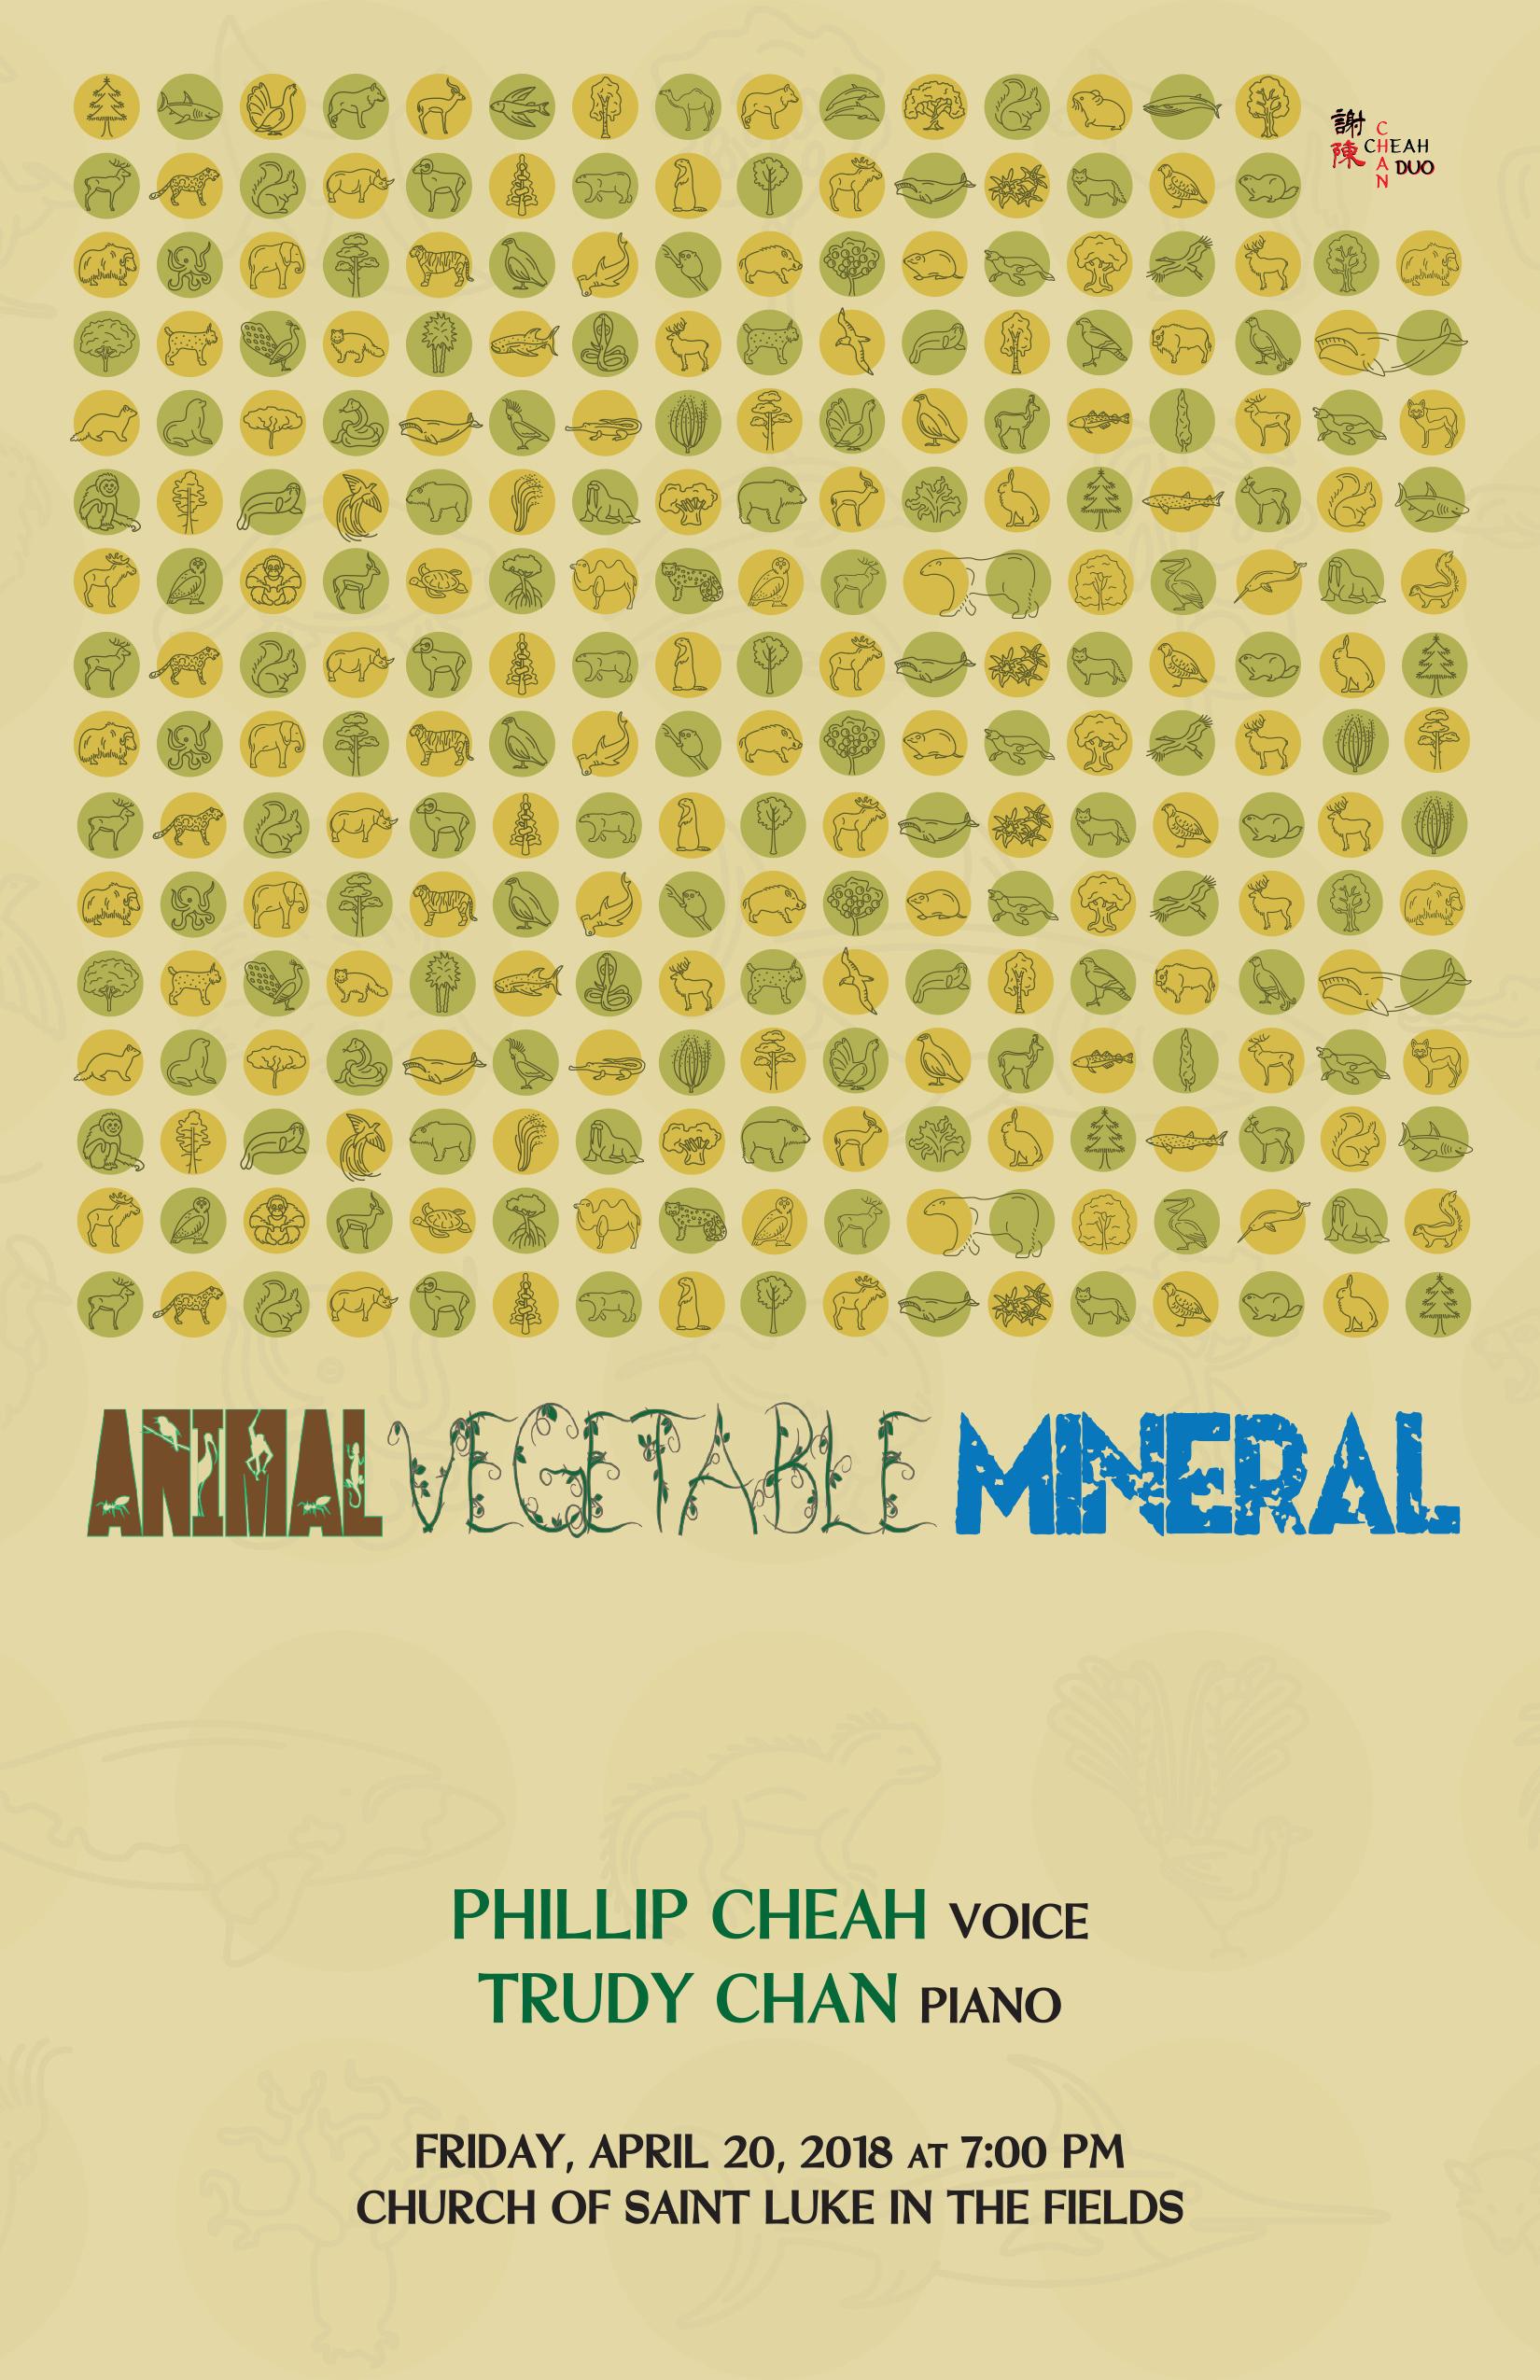 Animal Vegetable Mineral Program Cover for website.jpg